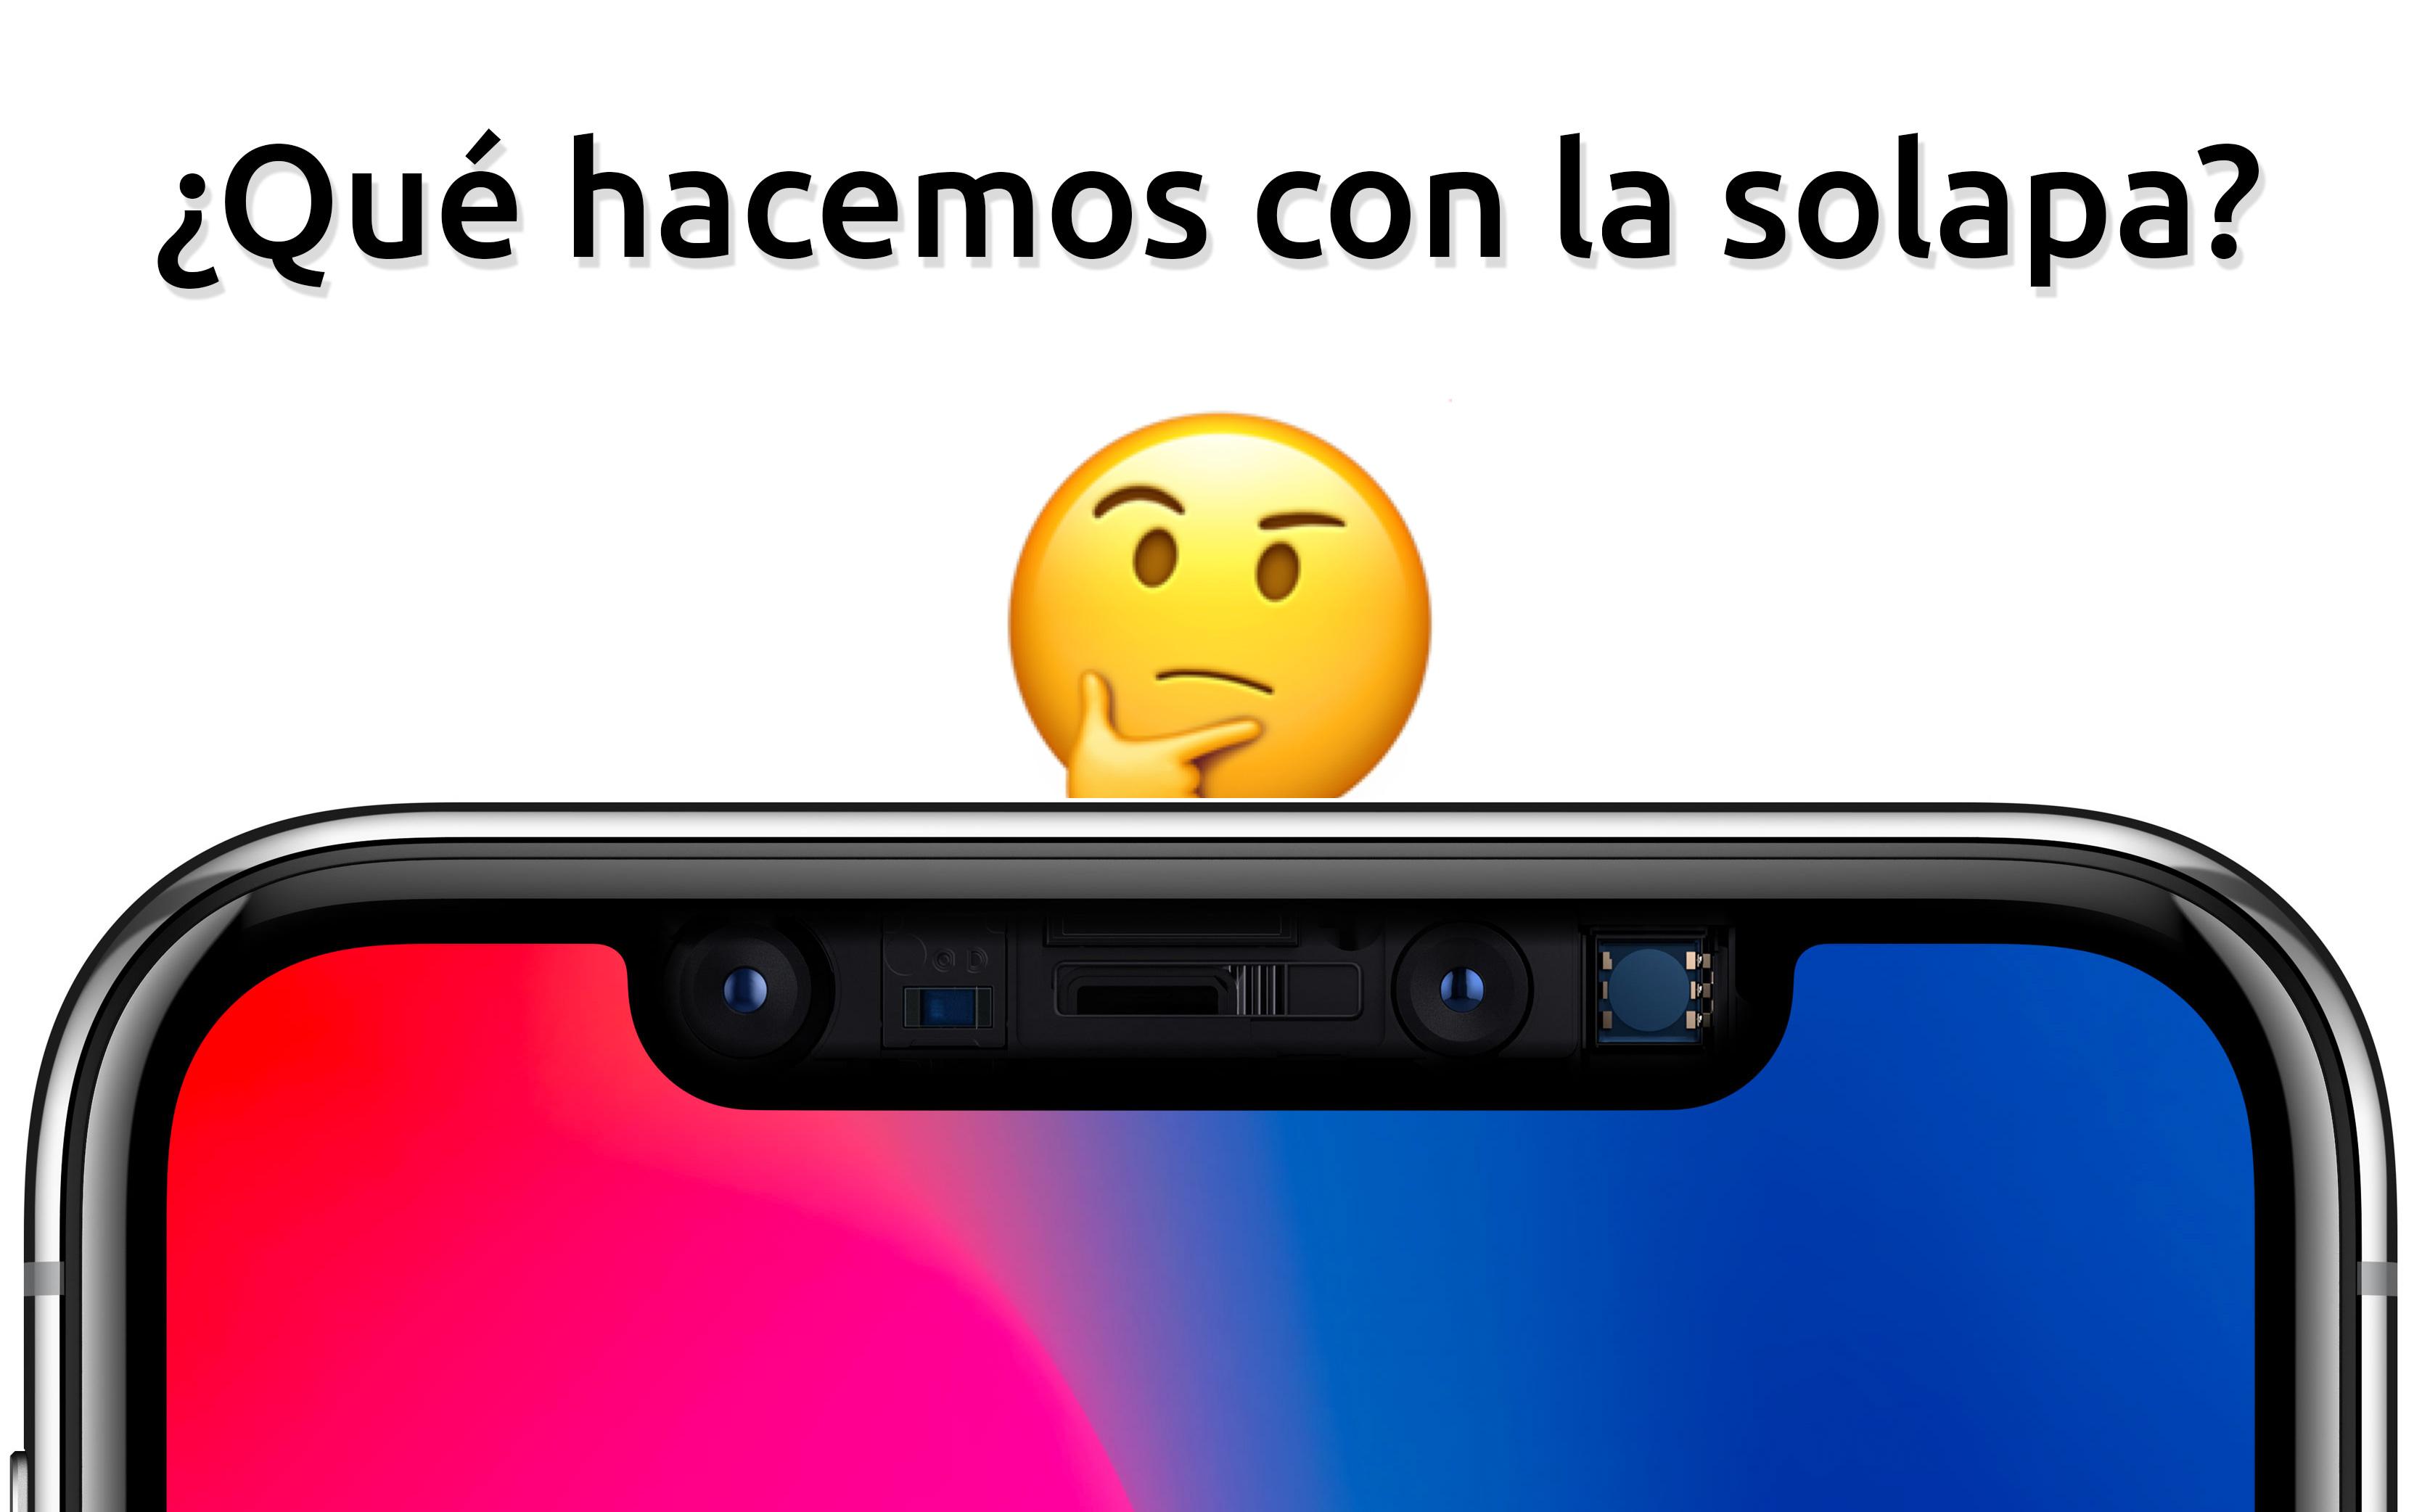 ¿Qué hacemos con la solapa de la pantalla del iPhone X?